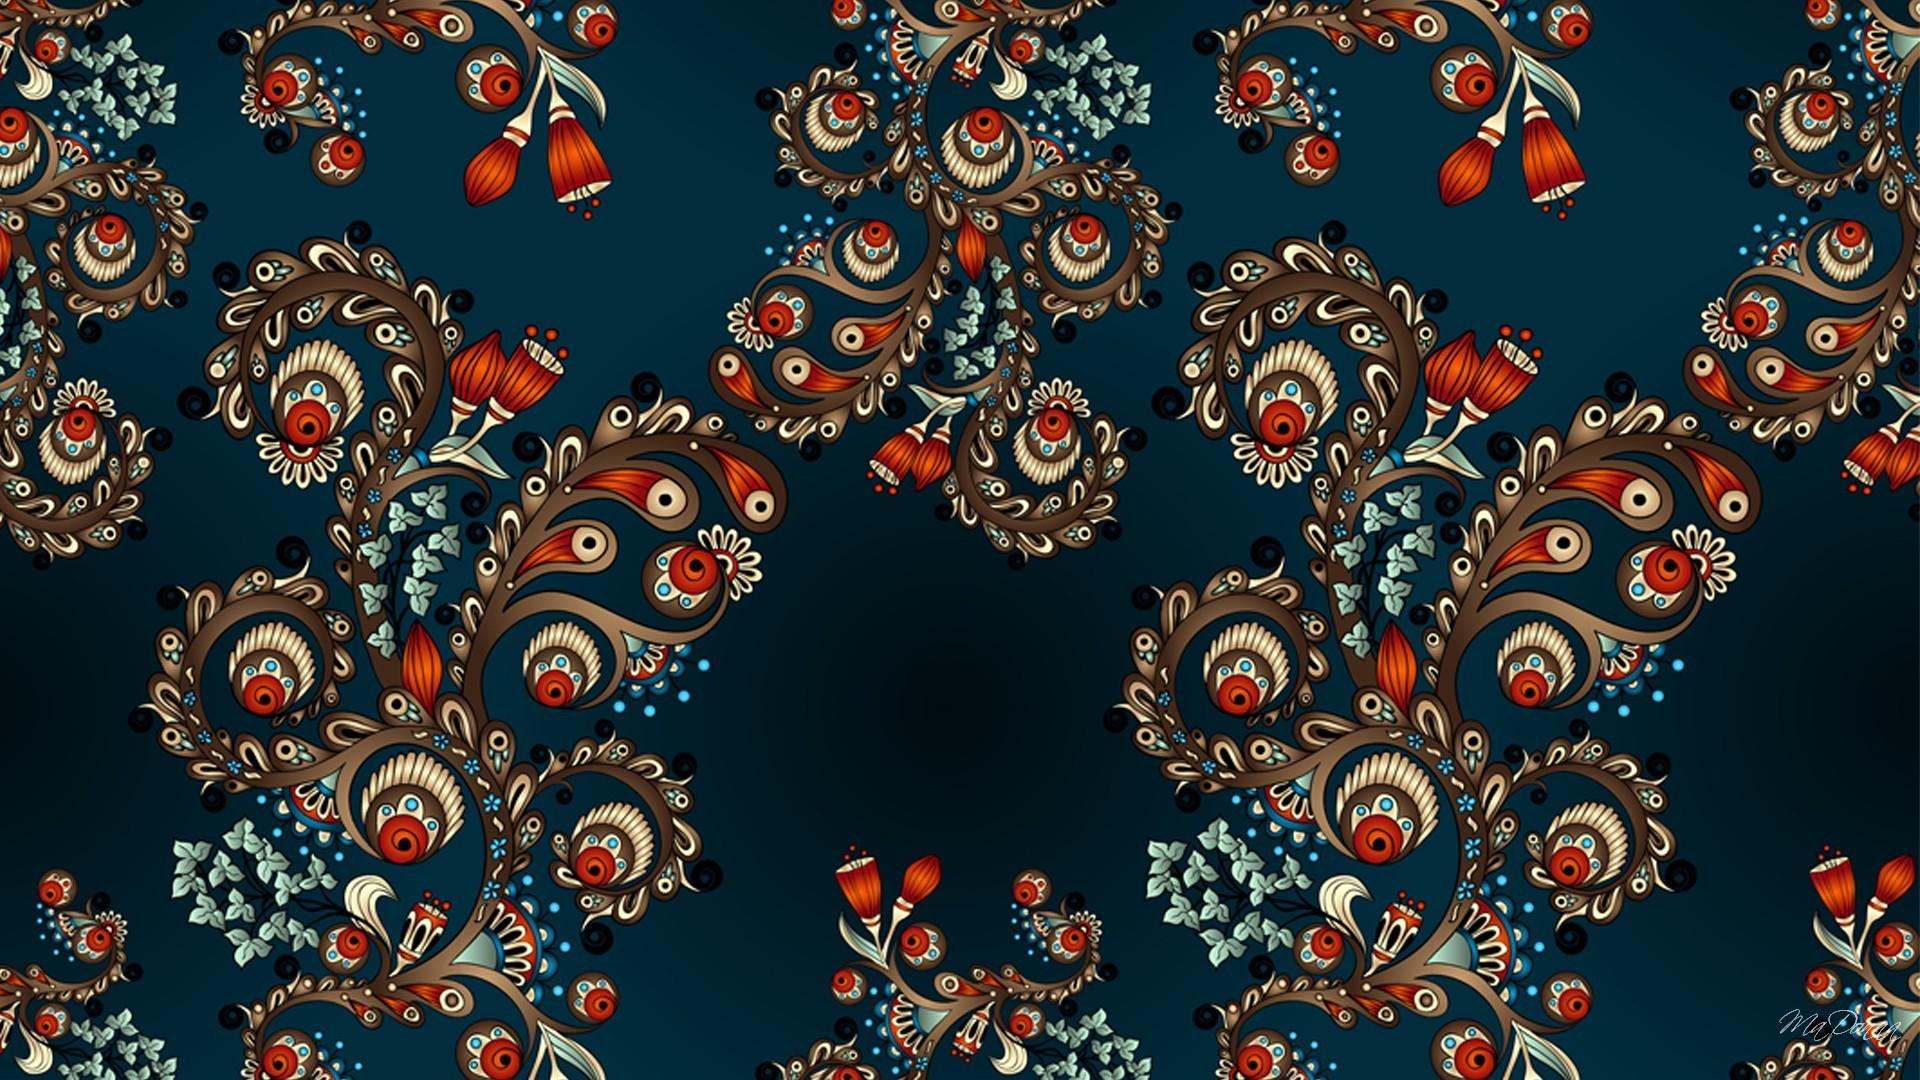 fancy wallpaper download free amazing full hd On fancy wallpaper